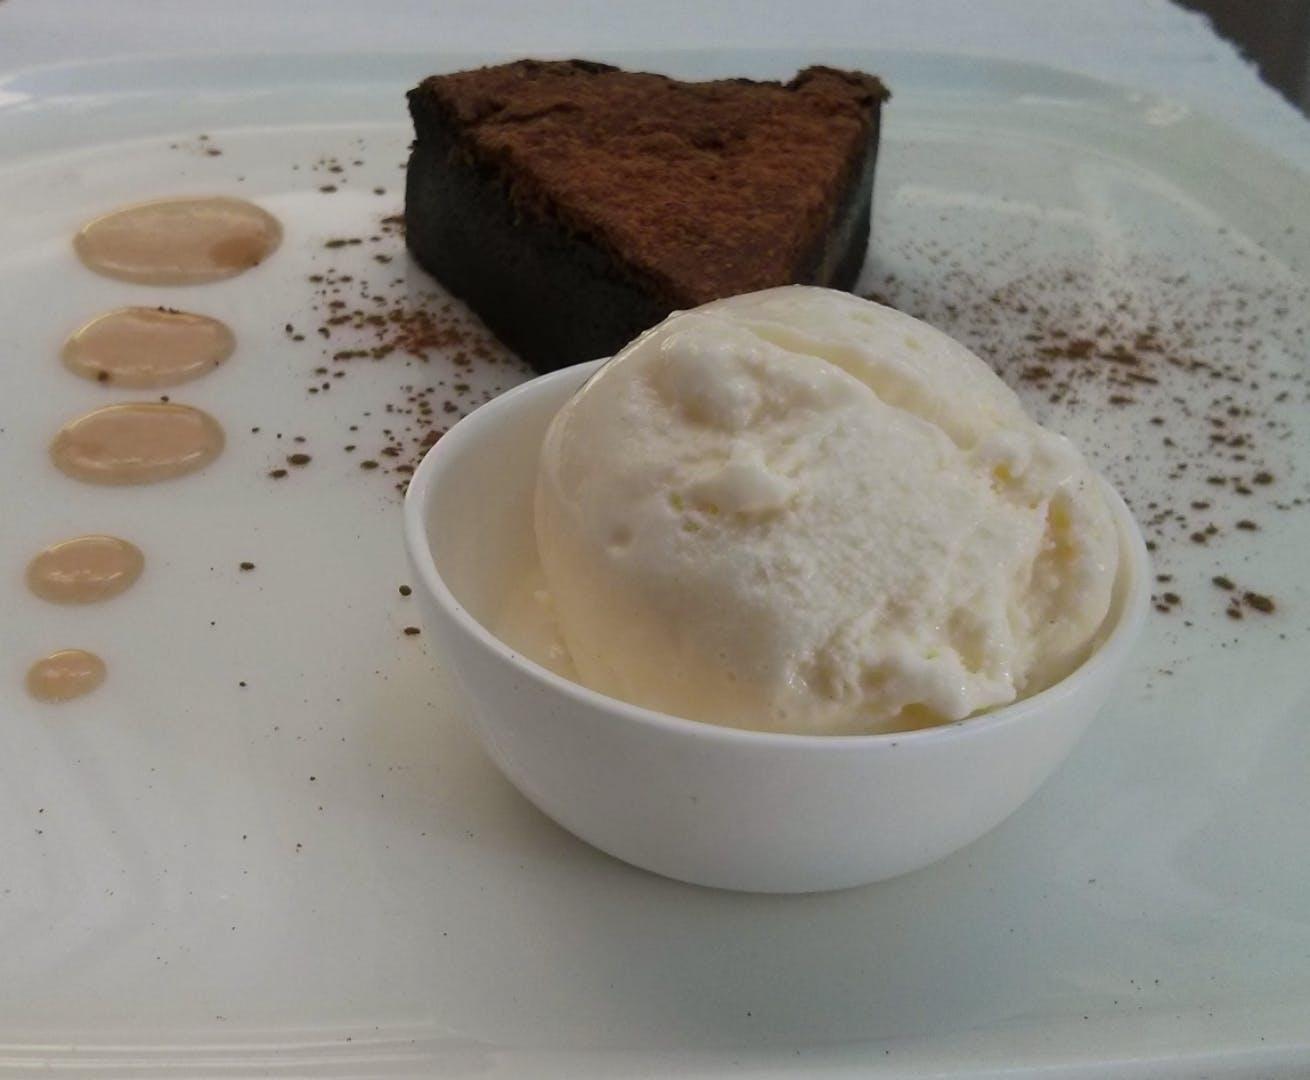 Dish,Food,Cuisine,Frozen dessert,Cream,Ingredient,Ice cream,Dessert,Crème fraîche,Gelato